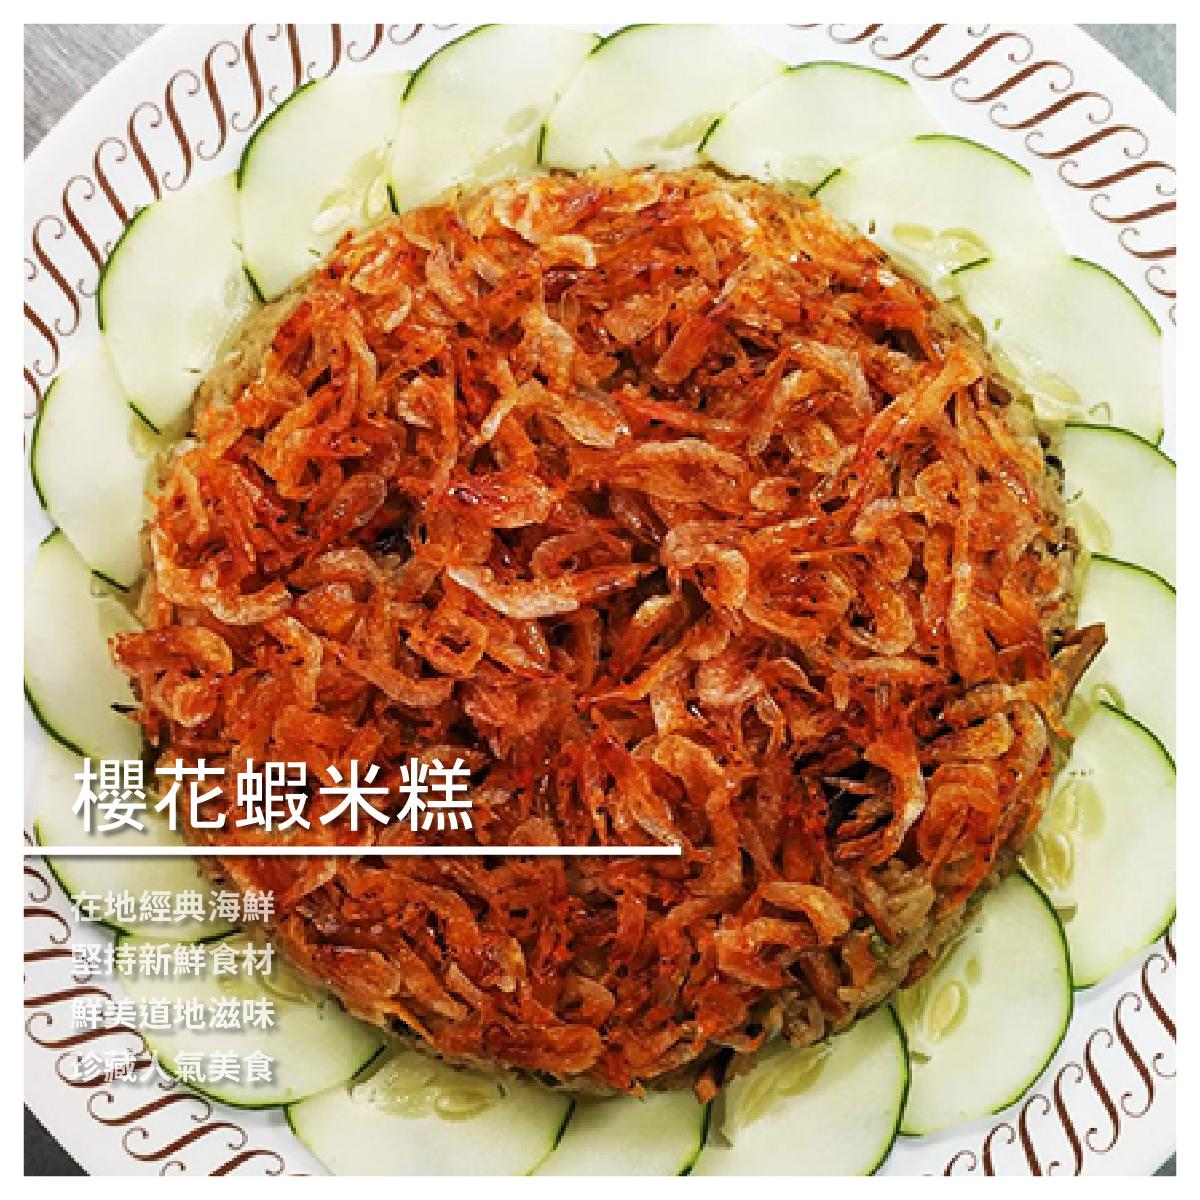 【屏東林邊阿義海鮮】雙人獨饗餐-櫻花蝦米糕/小包裝/260g